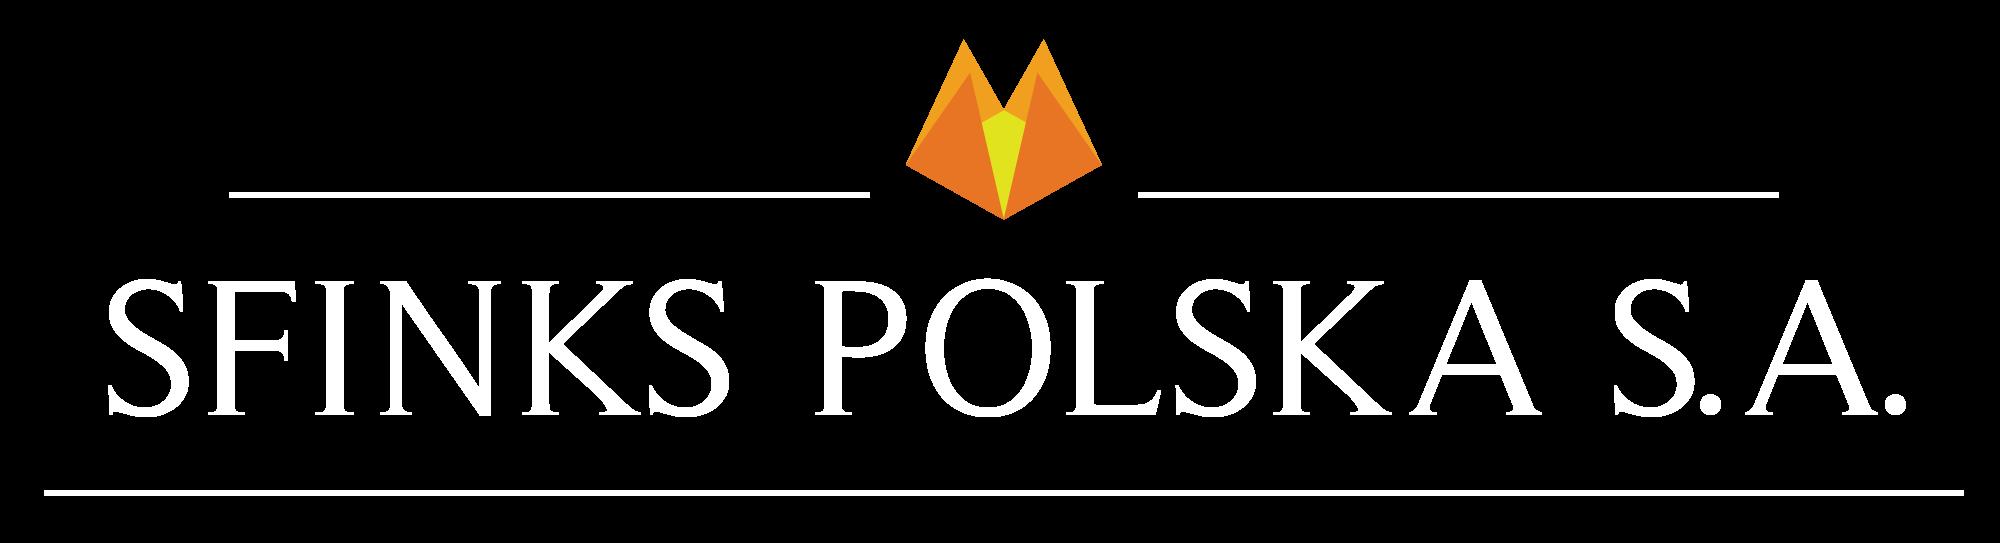 Sfinks Polska S.A.